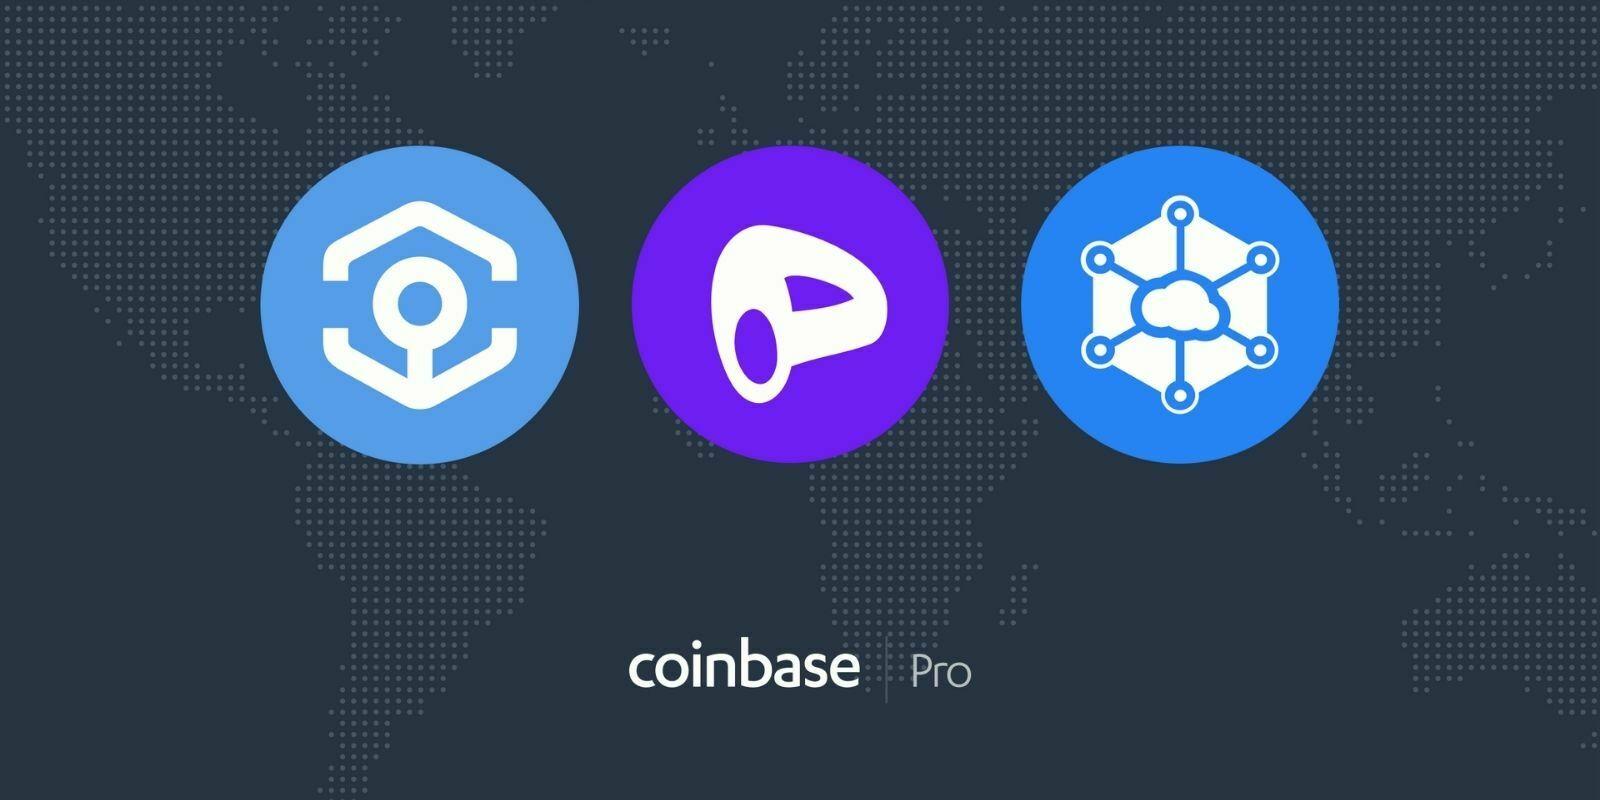 Coinbase Pro ajoute les tokens de Curve (CRV), Ankr et Storj - Les cours s'envolent à la hausse